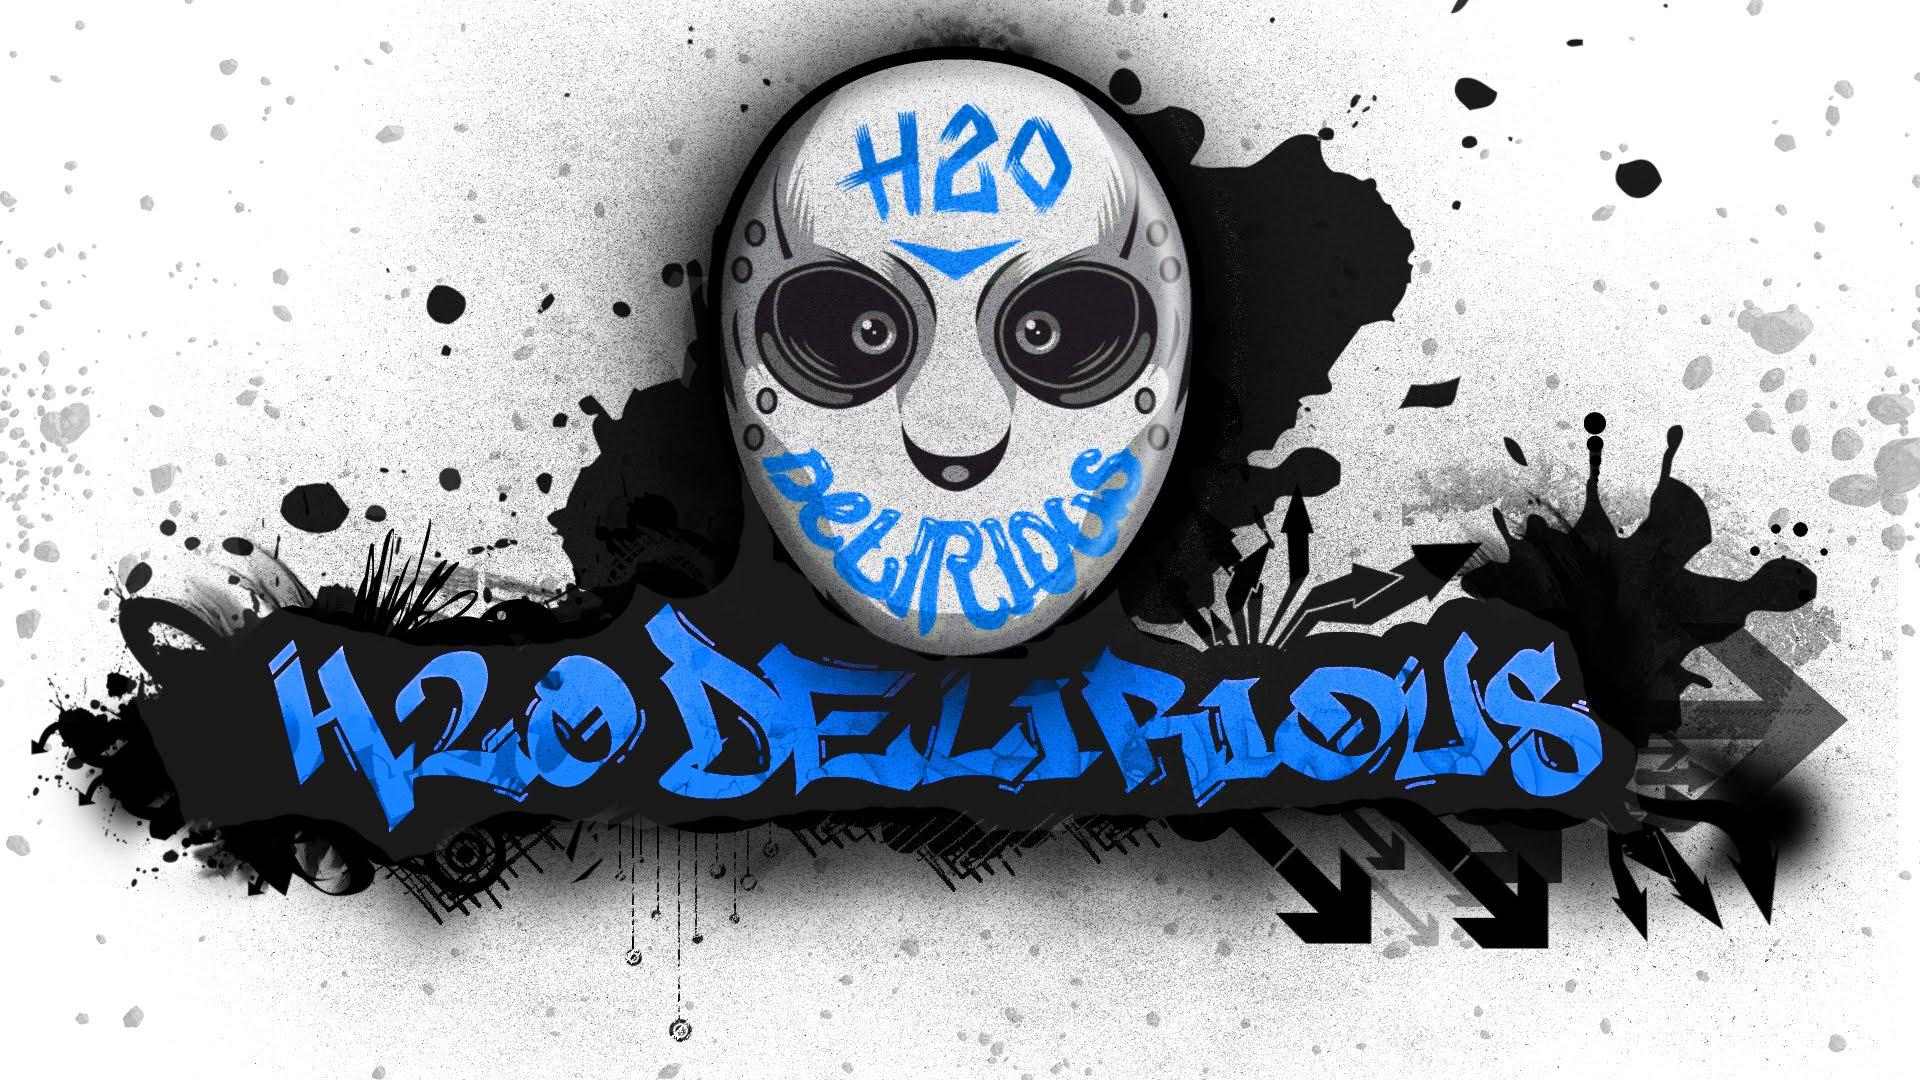 H2O DELIRIOUS پرستار Art